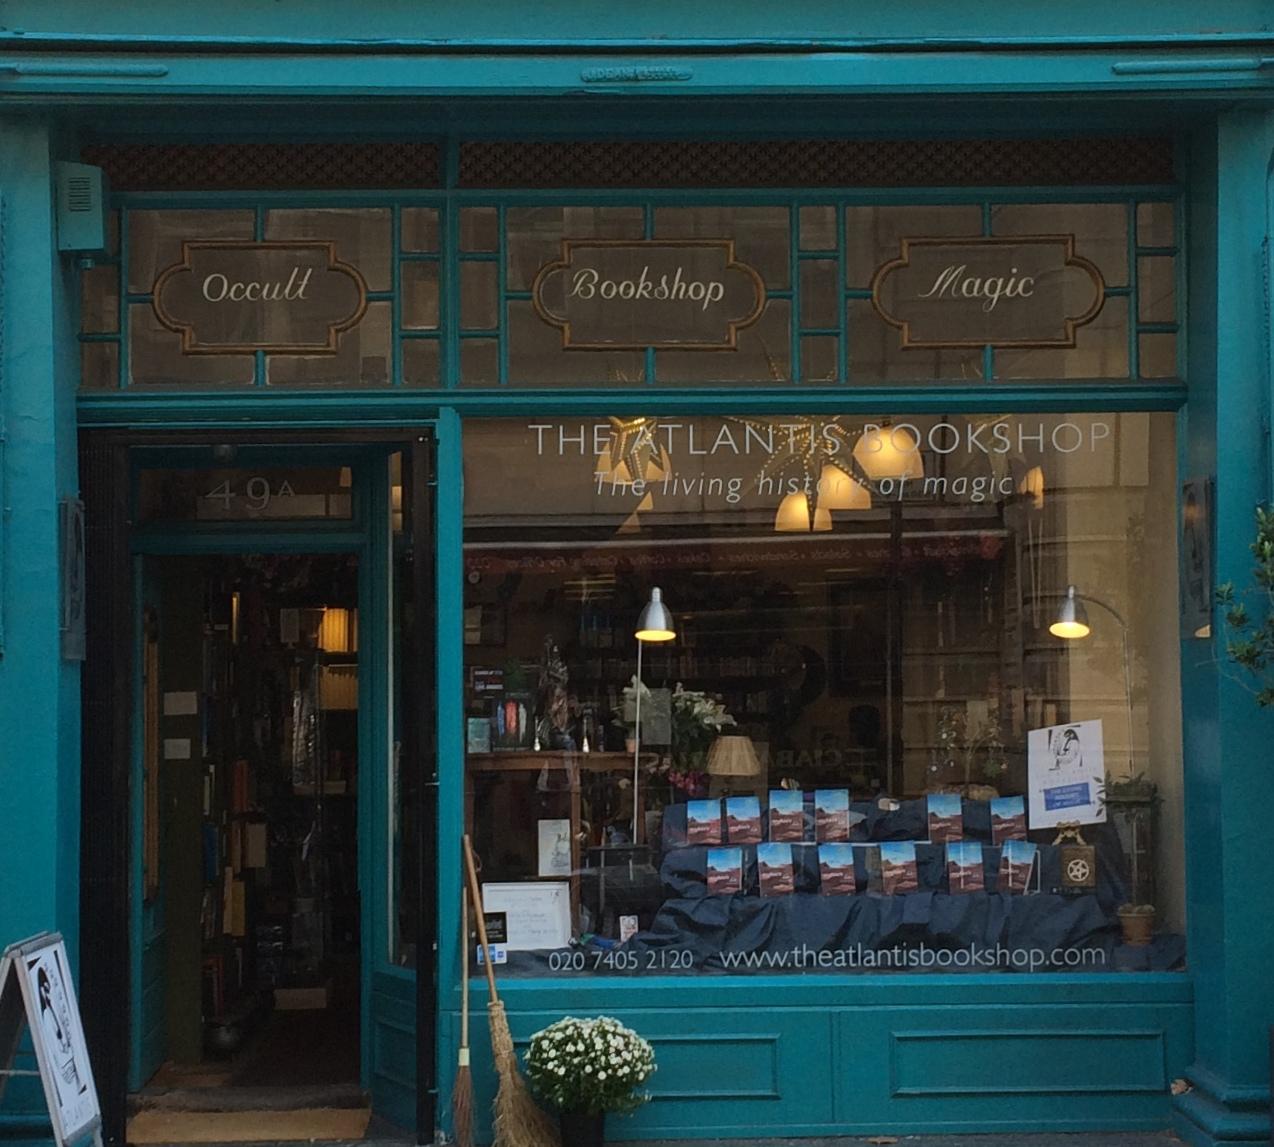 The Atlantis Bookshop Store Front